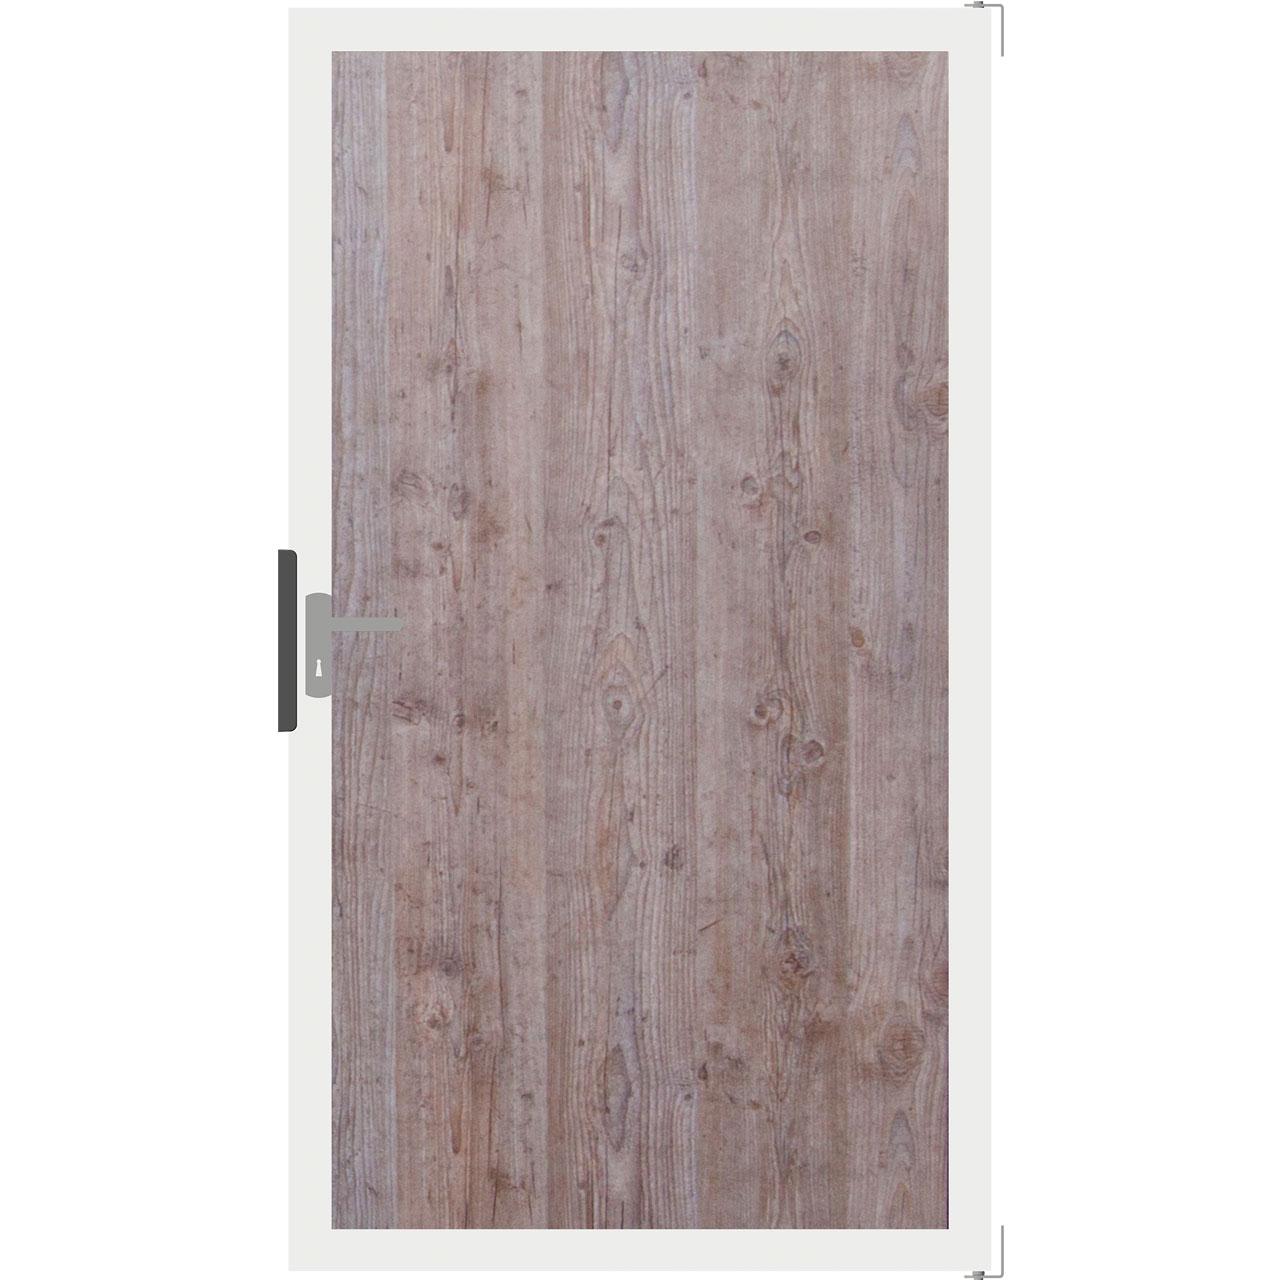 Hpl Tor Sichtschutzzaun Premium Holzoptik